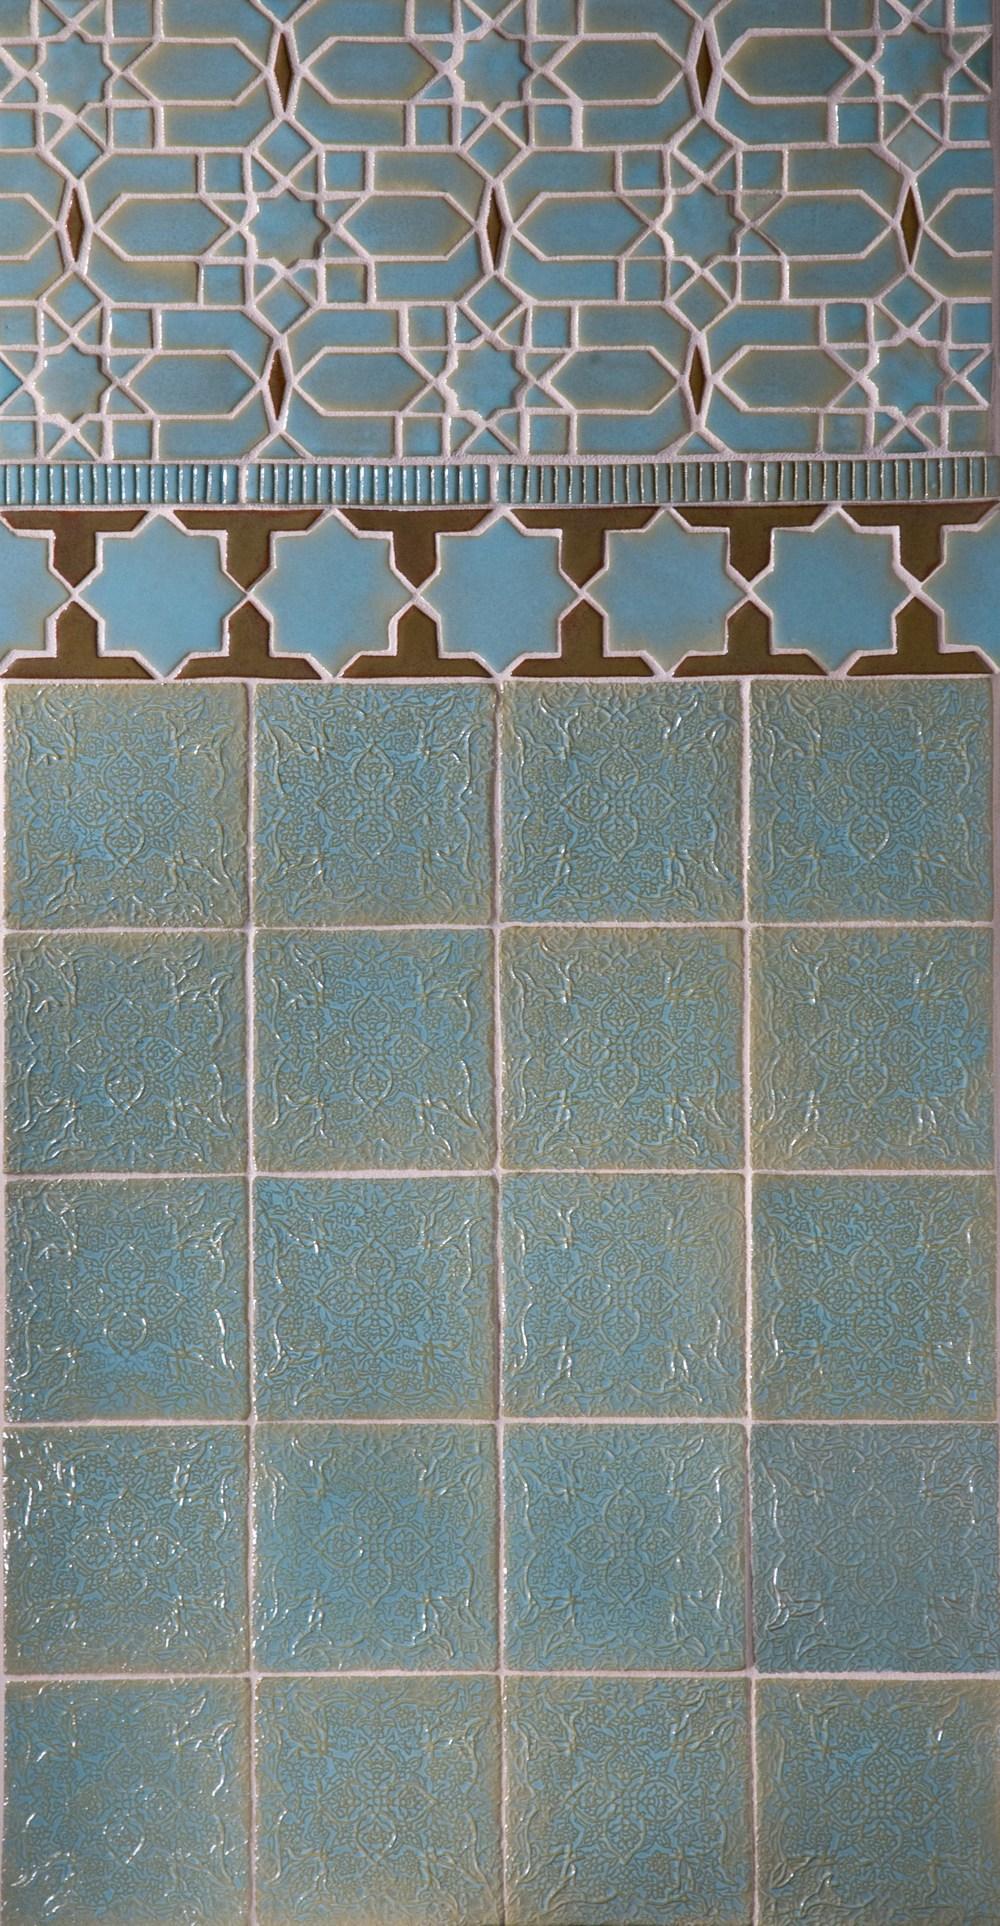 07_Lilywork-Tiles 2013.jpg